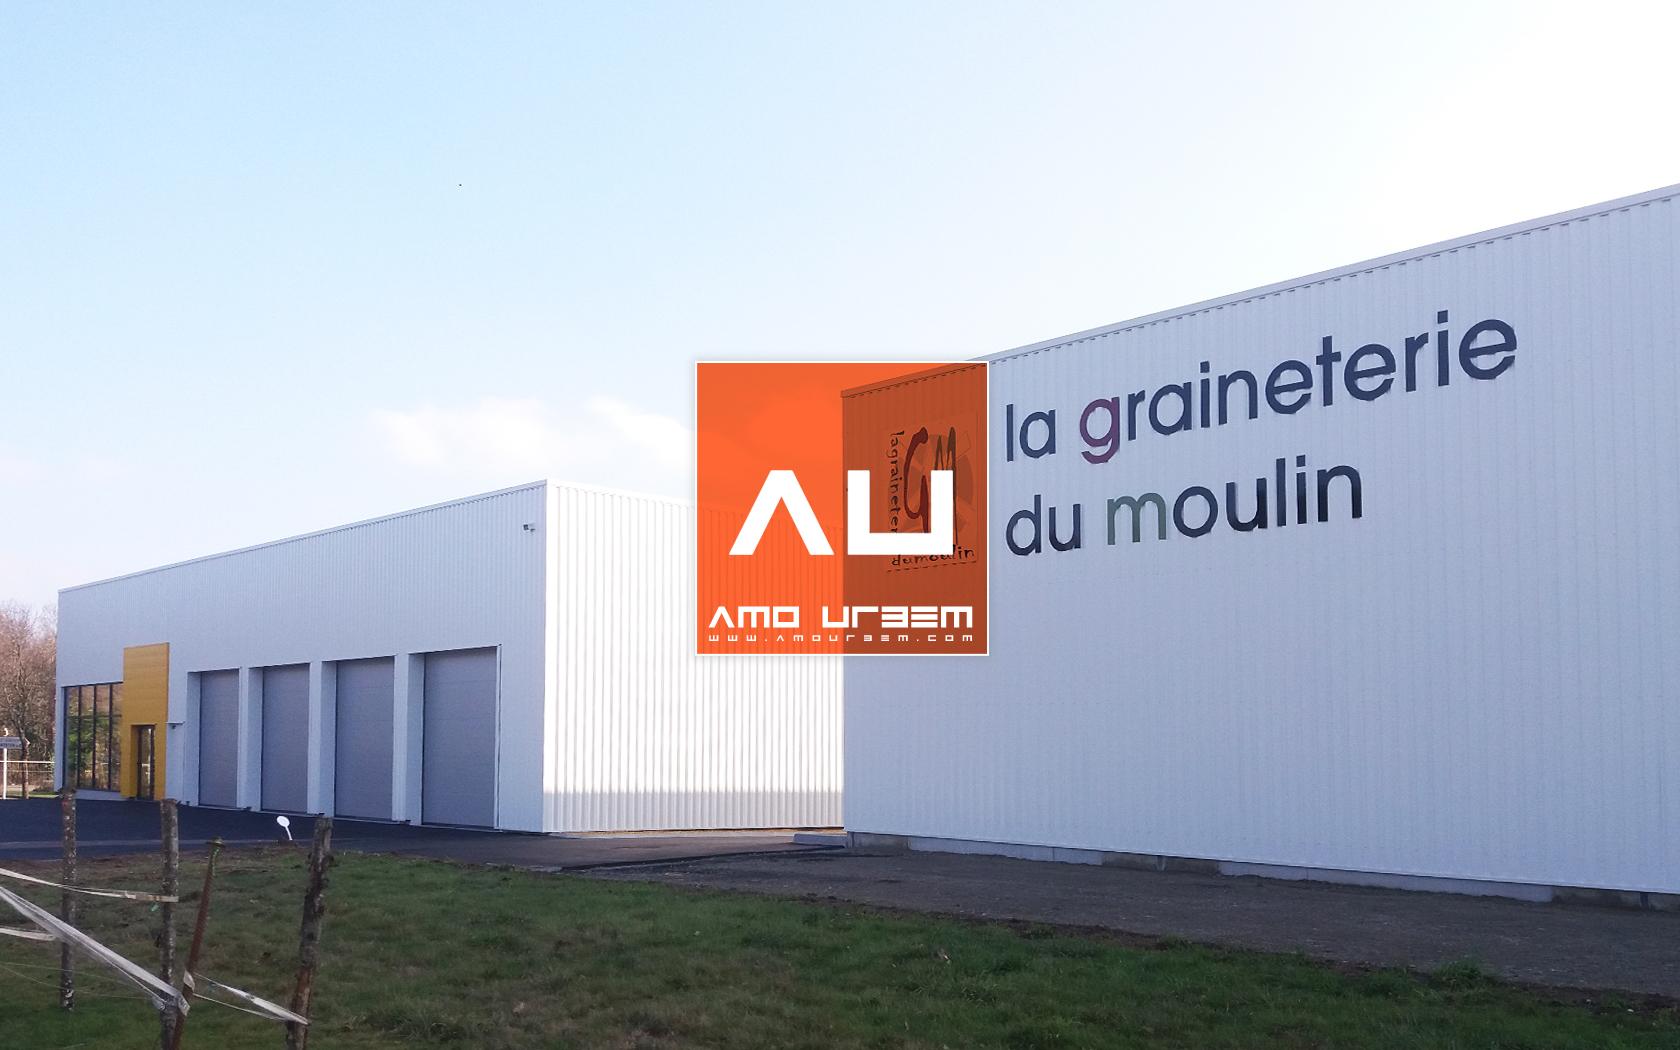 Amo_Urbem_Benoit_Guillou_Architecte_Garage_Renault_Graineterie_du_Moulin_La_Chapelle_Sur_Erdre (4)